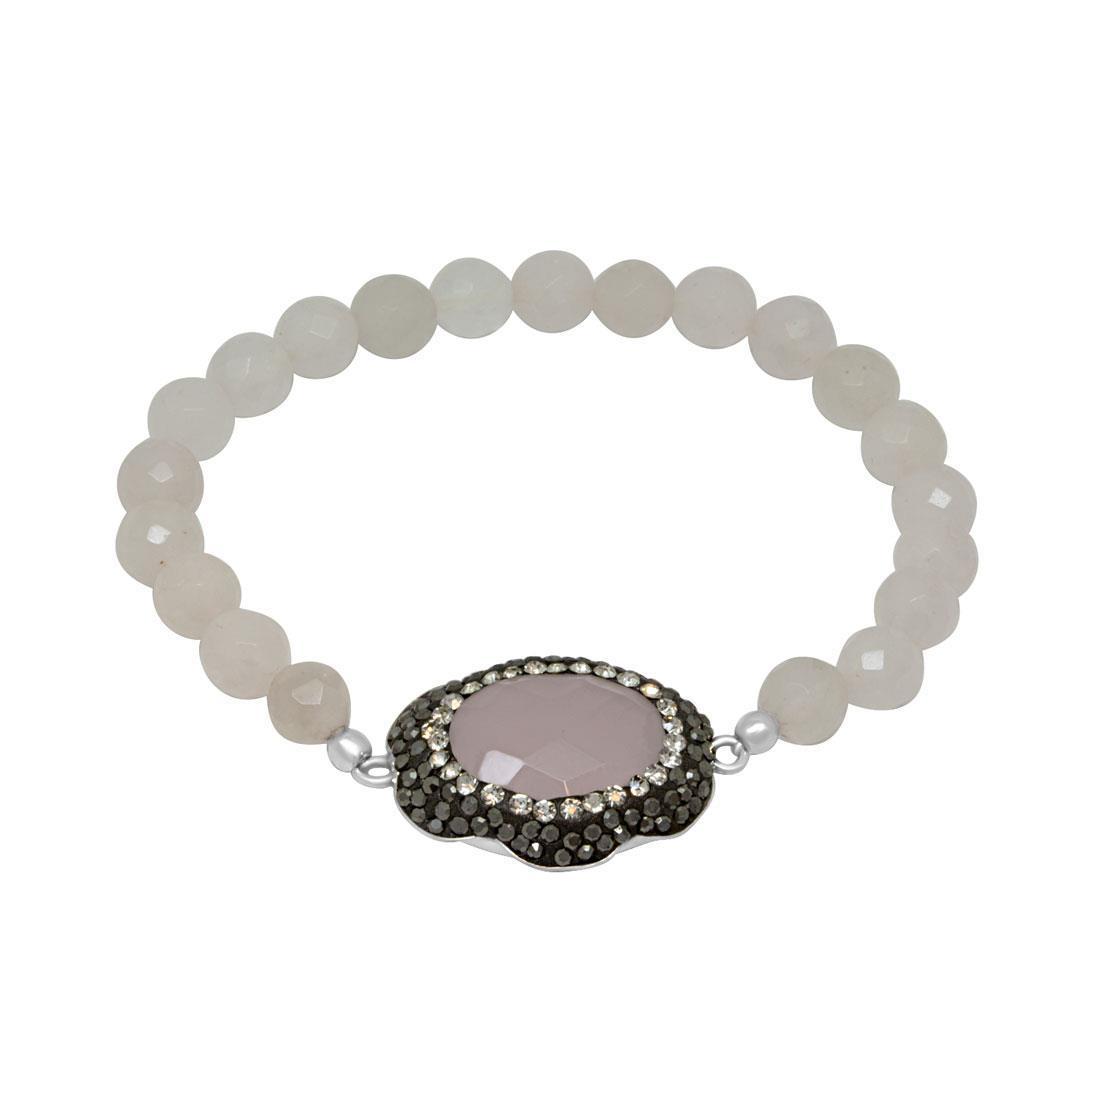 Bracciale in argento con elastico e quarzi rosa - ORO&CO 925